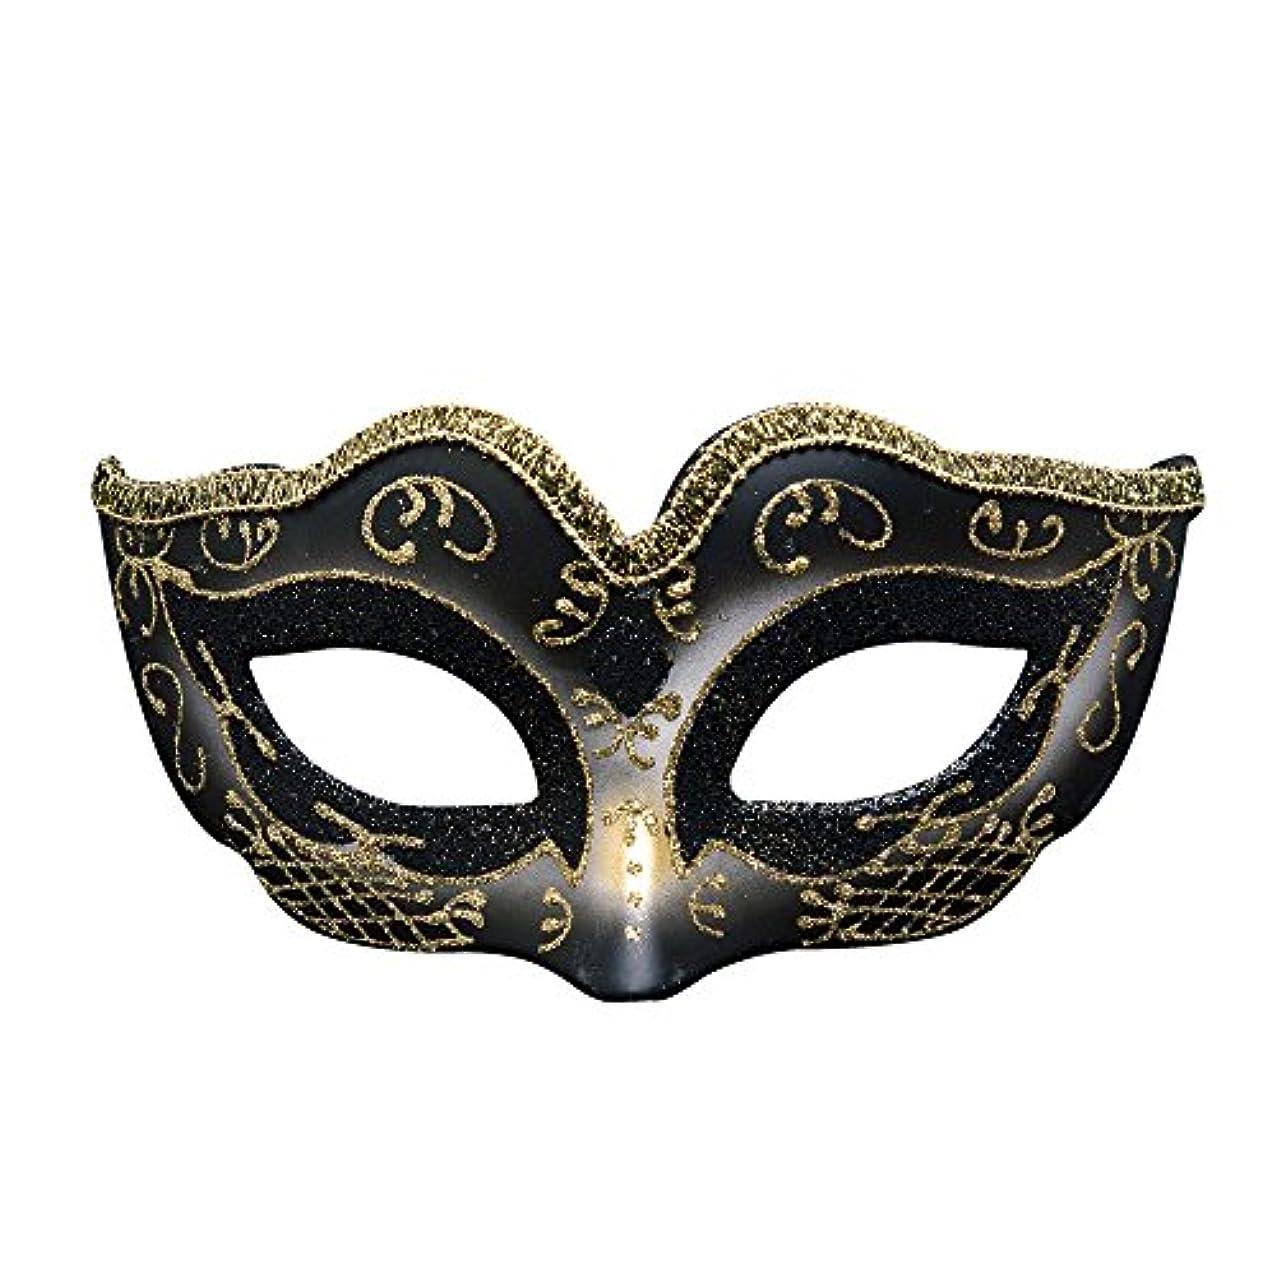 そよ風マニフェスト知るクリエイティブカスタム子供のなりすましパーティーハロウィーンマスククリスマス雰囲気マスク (Color : G)